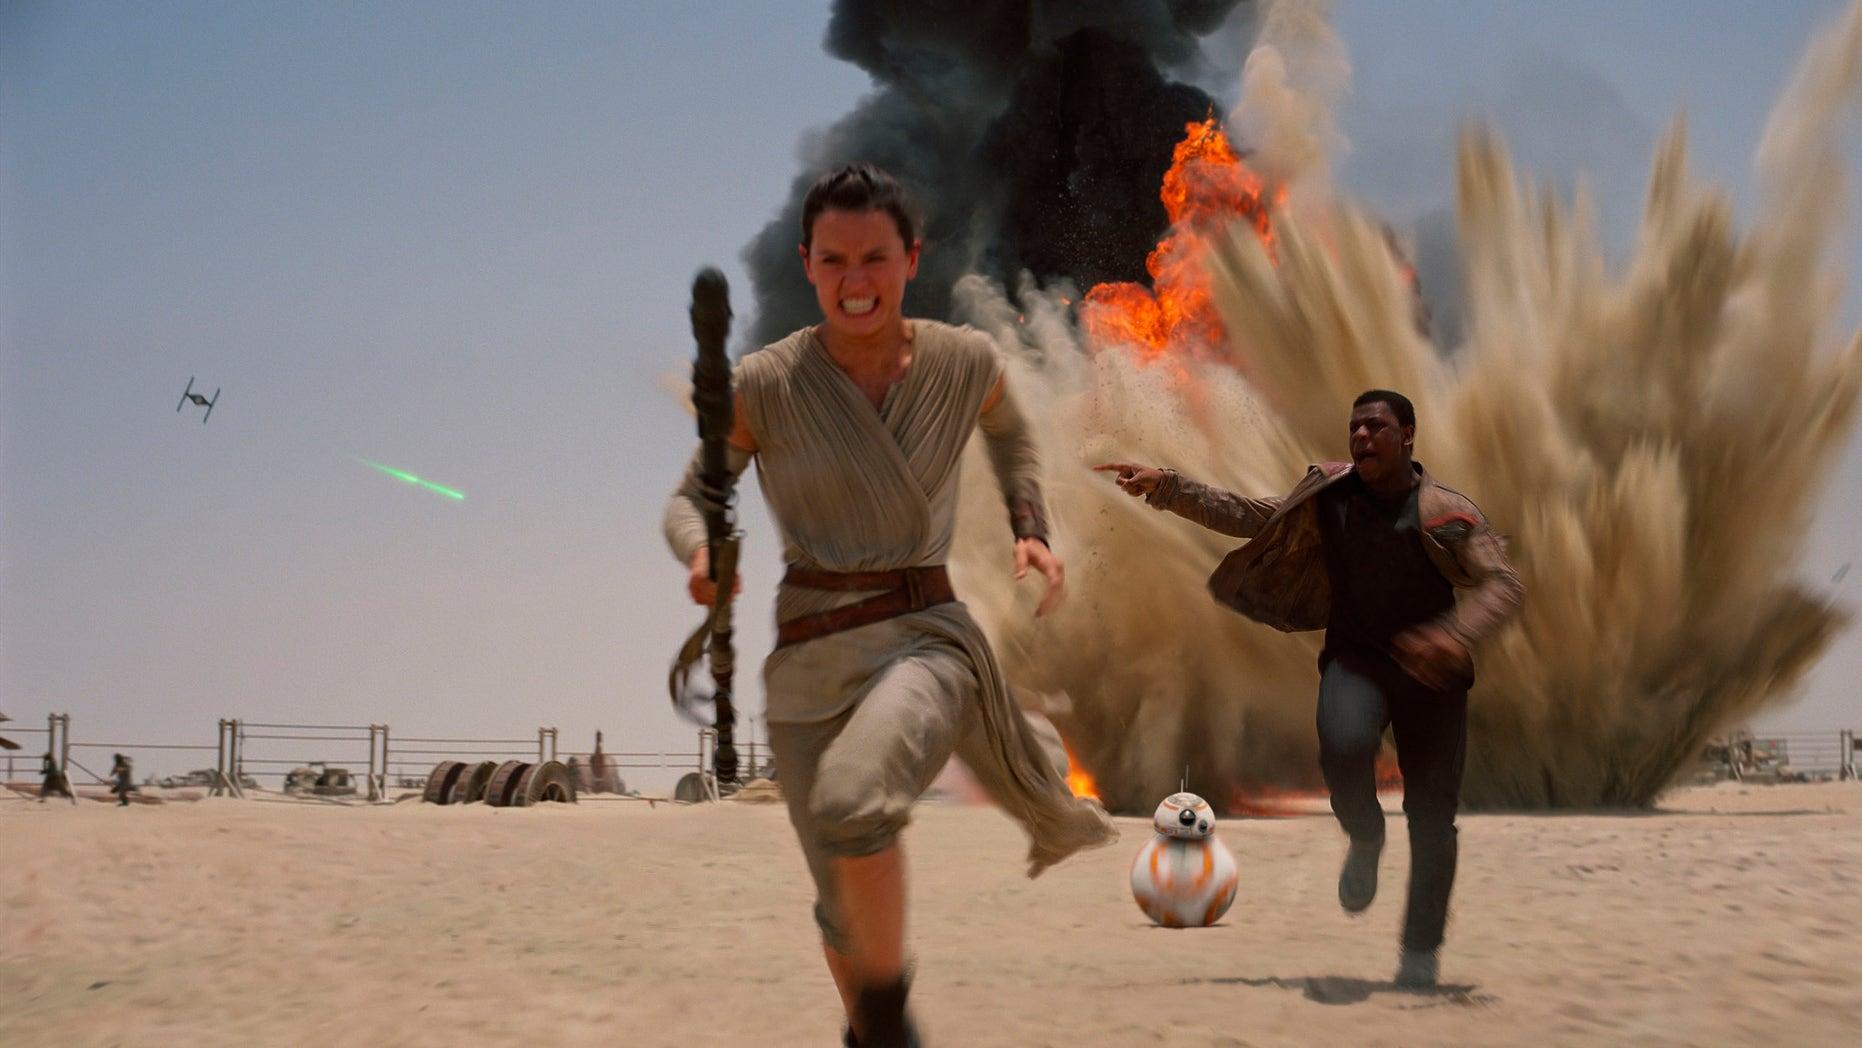 """Fotografía facilitada por los estudios Disney de los actores Daisey Ridley (izquierda) y John Boyega en una escena de la cinta """"Star Wars: The Force Awakens"""". (Film Frame/Disney/Lucasfilm vía AP)"""